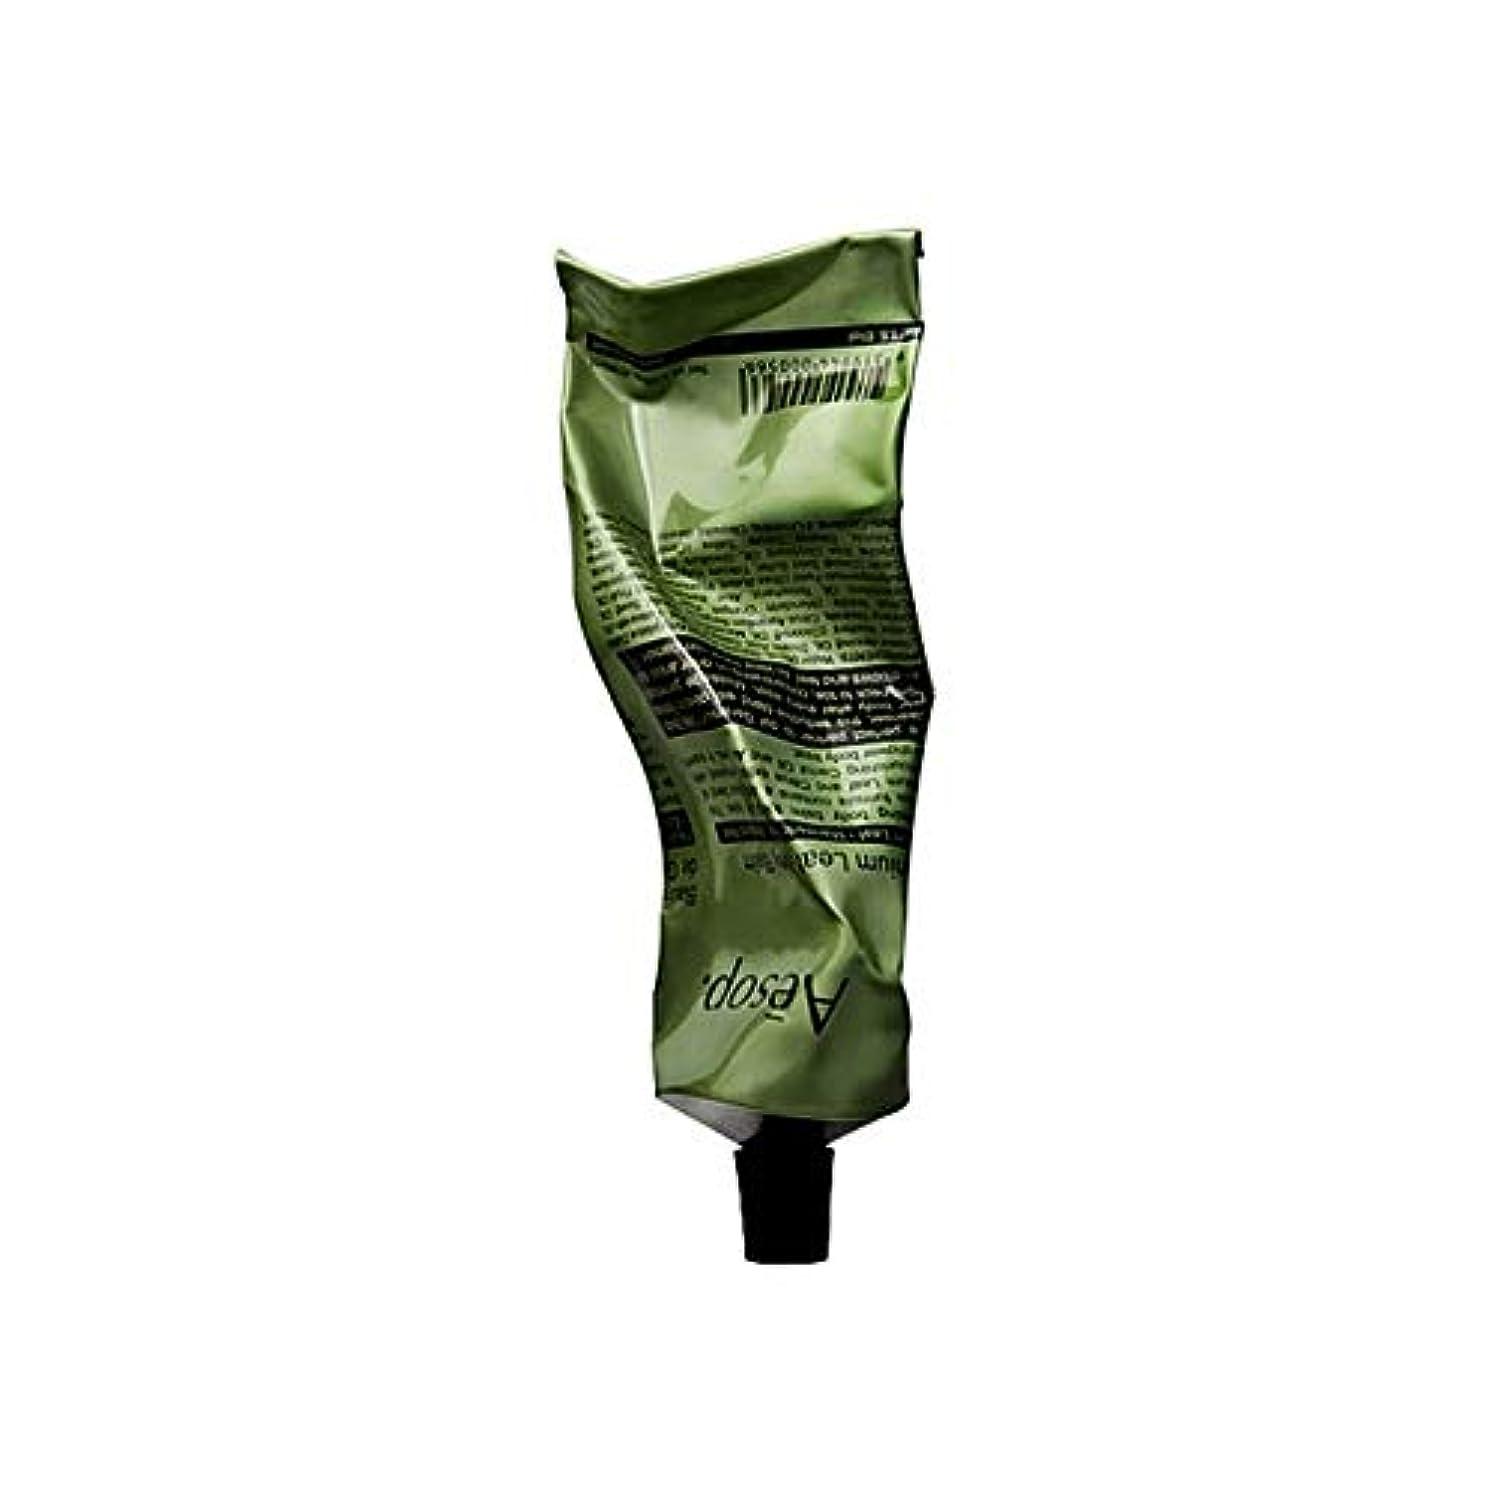 クスクスキャベツグラフ[Aesop] イソップゼラニウムの葉のボディクリーム500ミリリットル - Aesop Geranium Leaf Body Balm 500ml [並行輸入品]